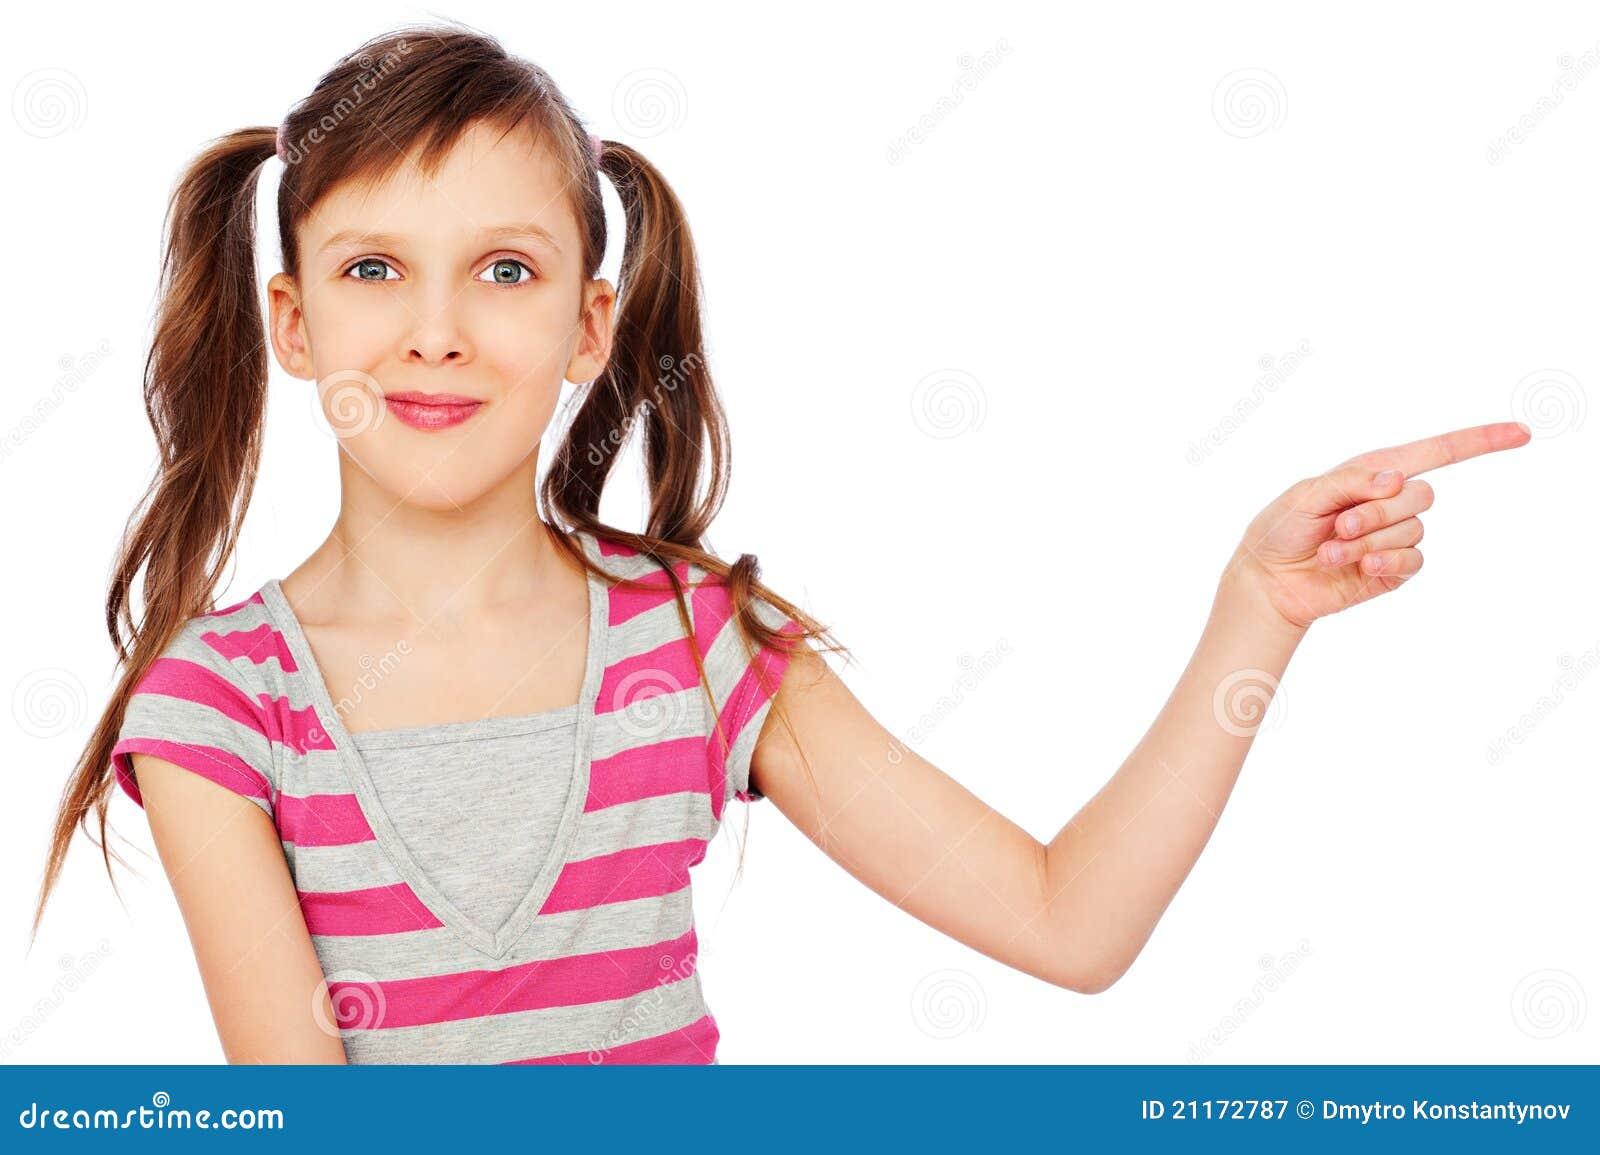 Petite fille souriante se dirigeant à quelque chose